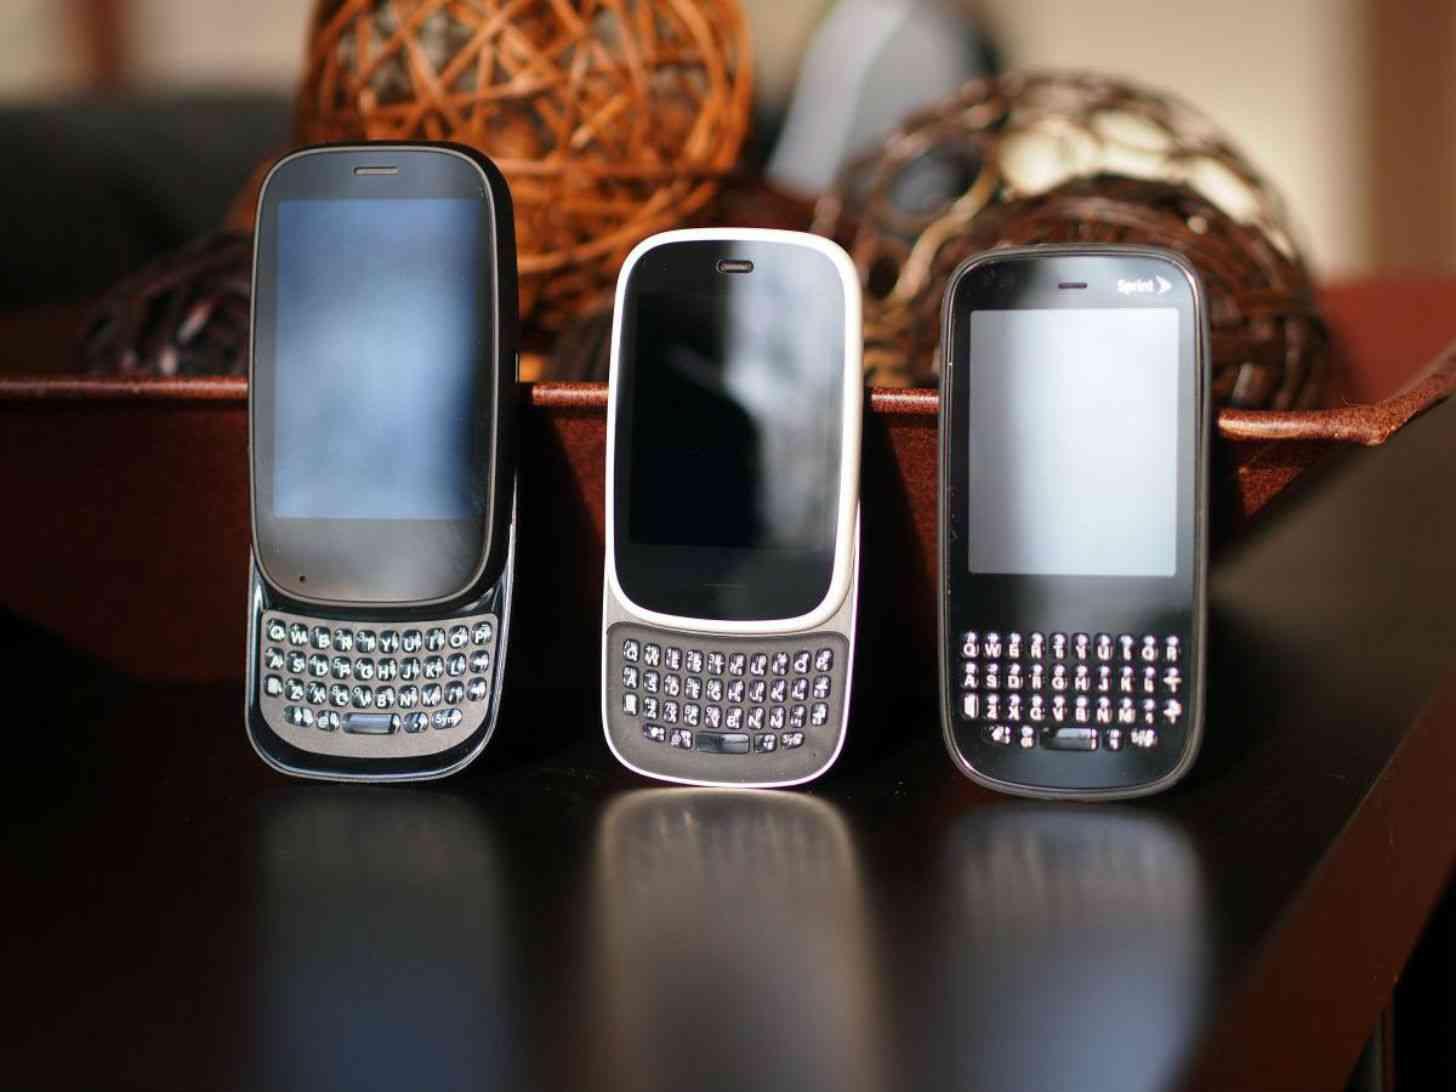 HP Pre 2, HP Veer, Palm Pixi